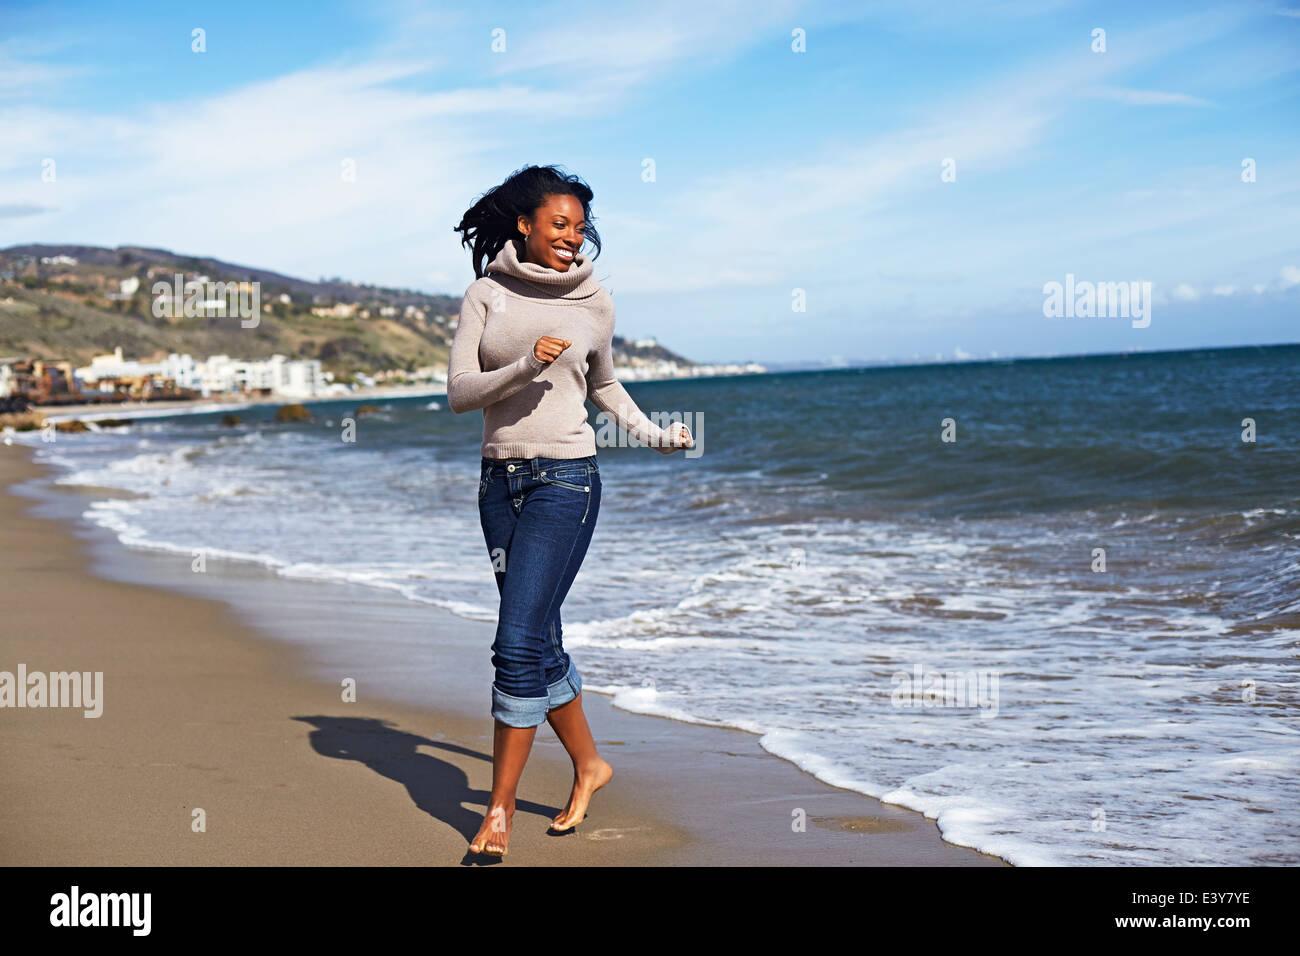 Mujer joven andar descalzo por la playa, Malibu, California, EE.UU. Foto de stock